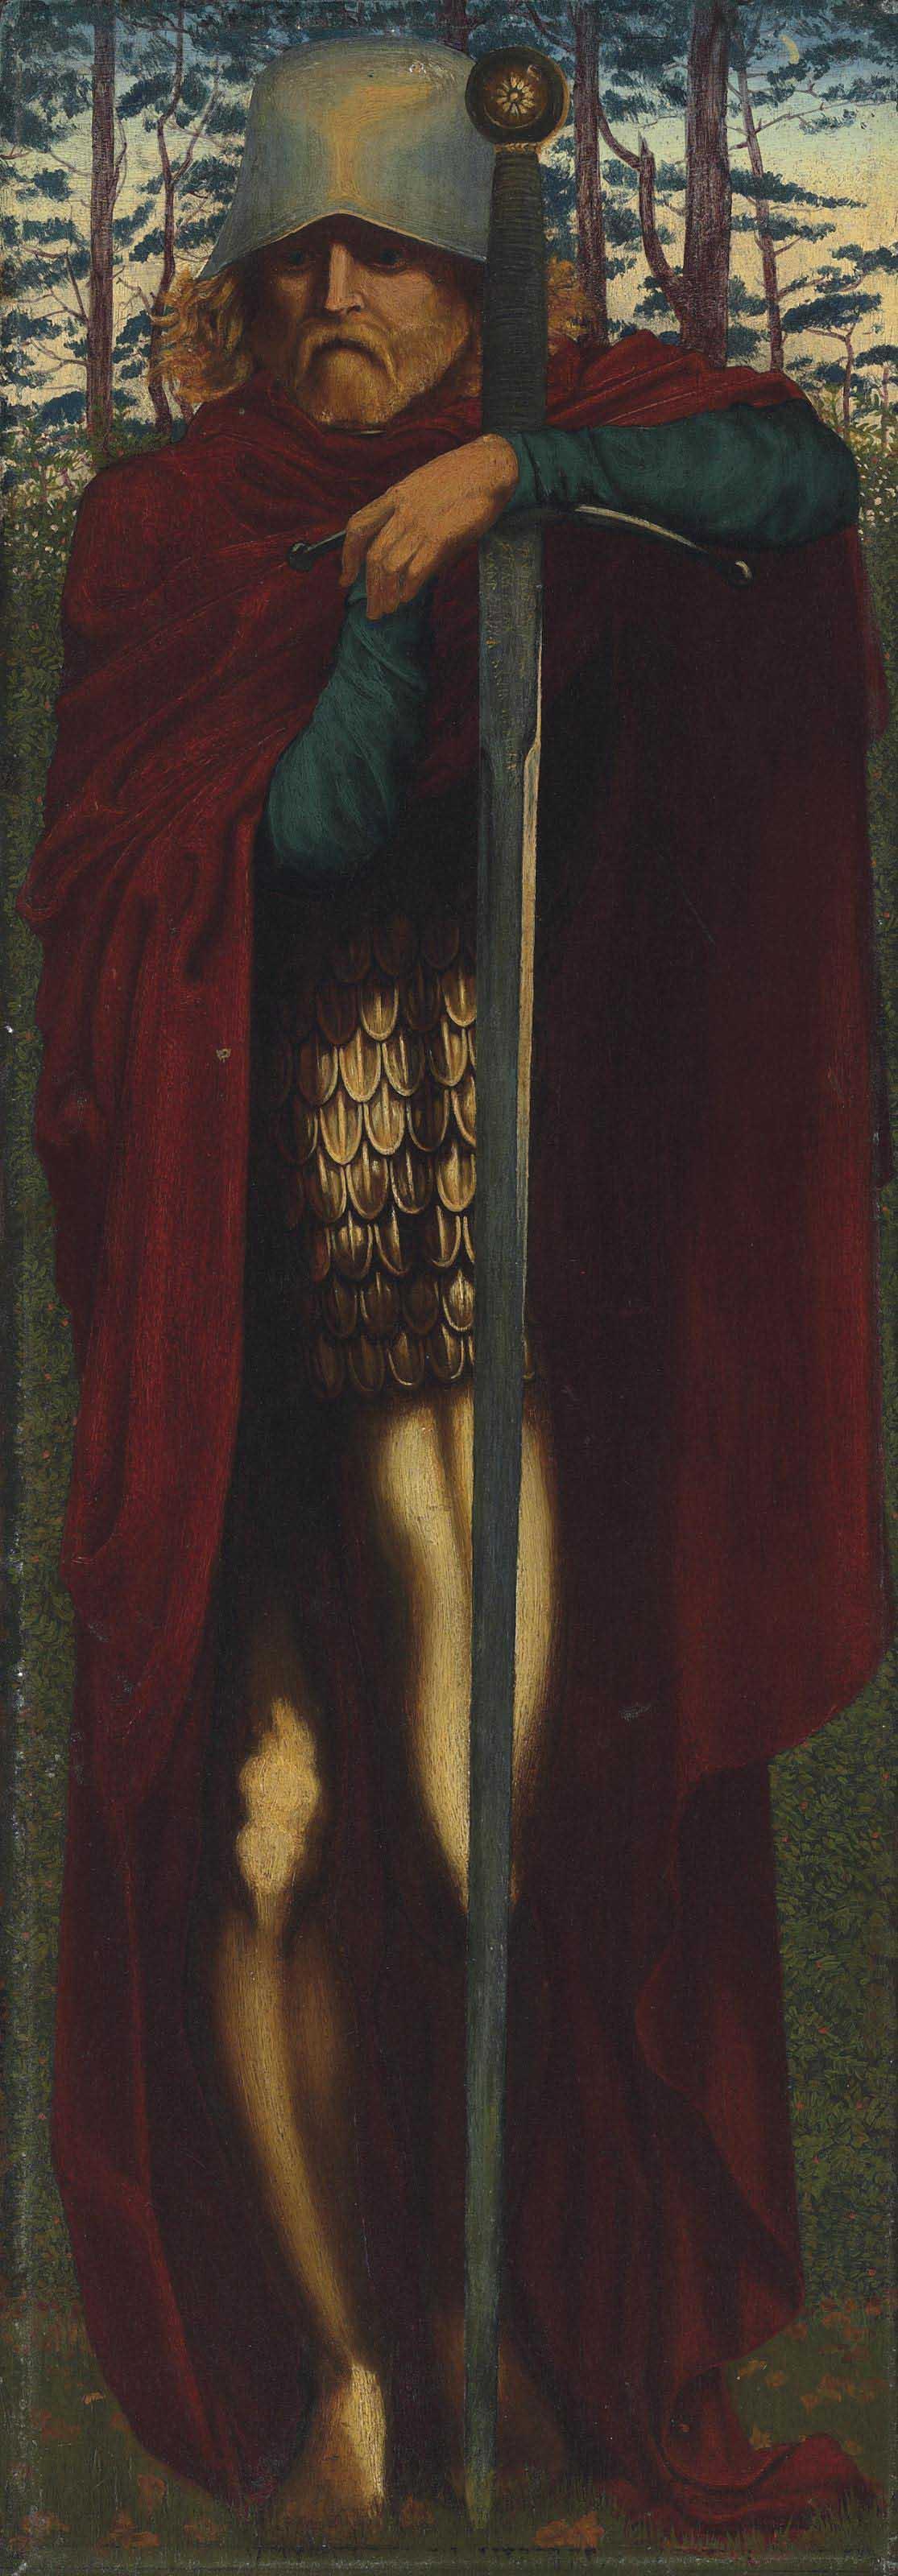 An Arthurian knight